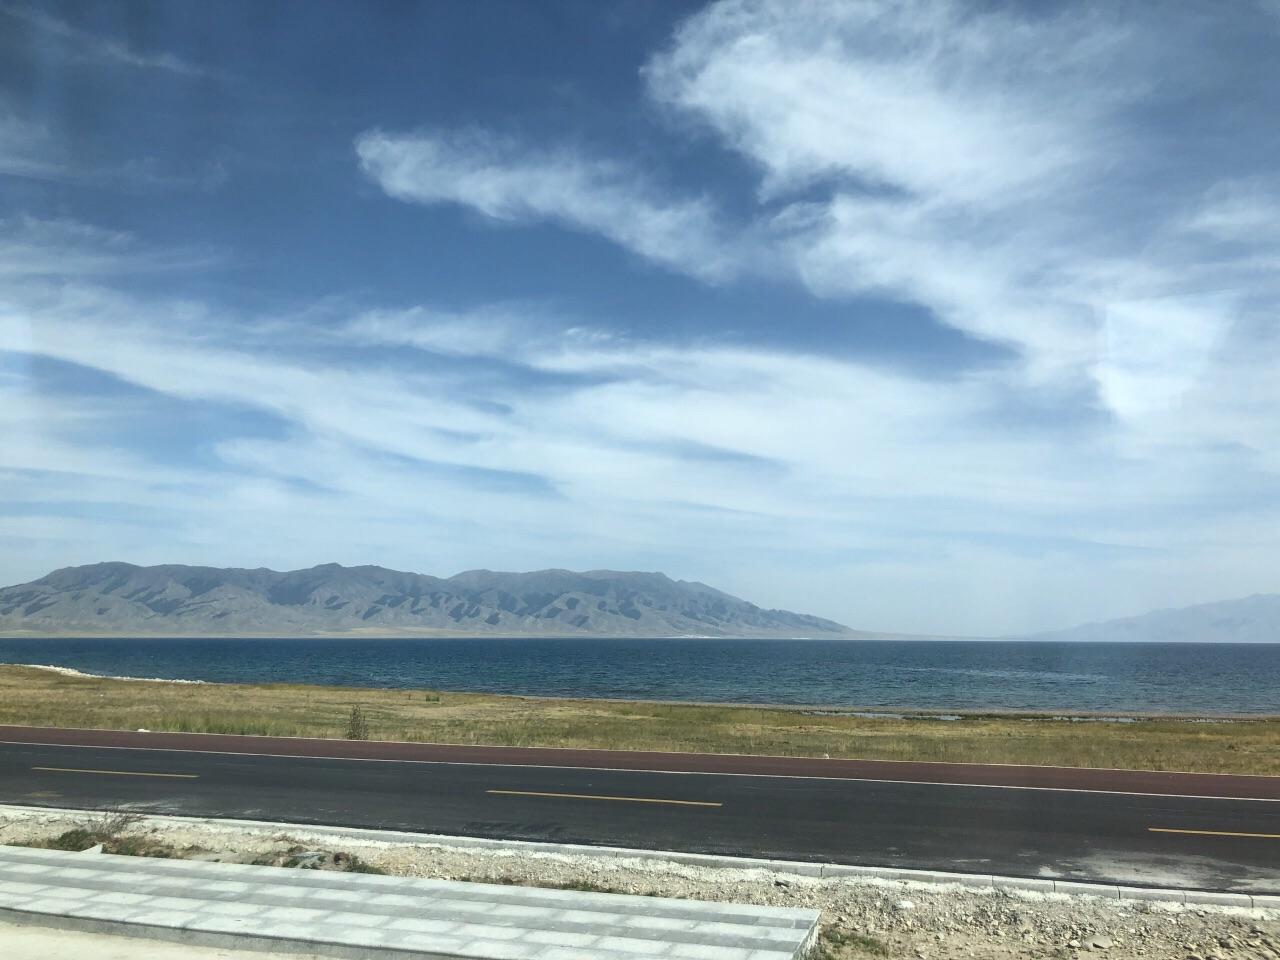 赛里木湖旅游景点攻攻略青岛到江苏的自驾游略图图片